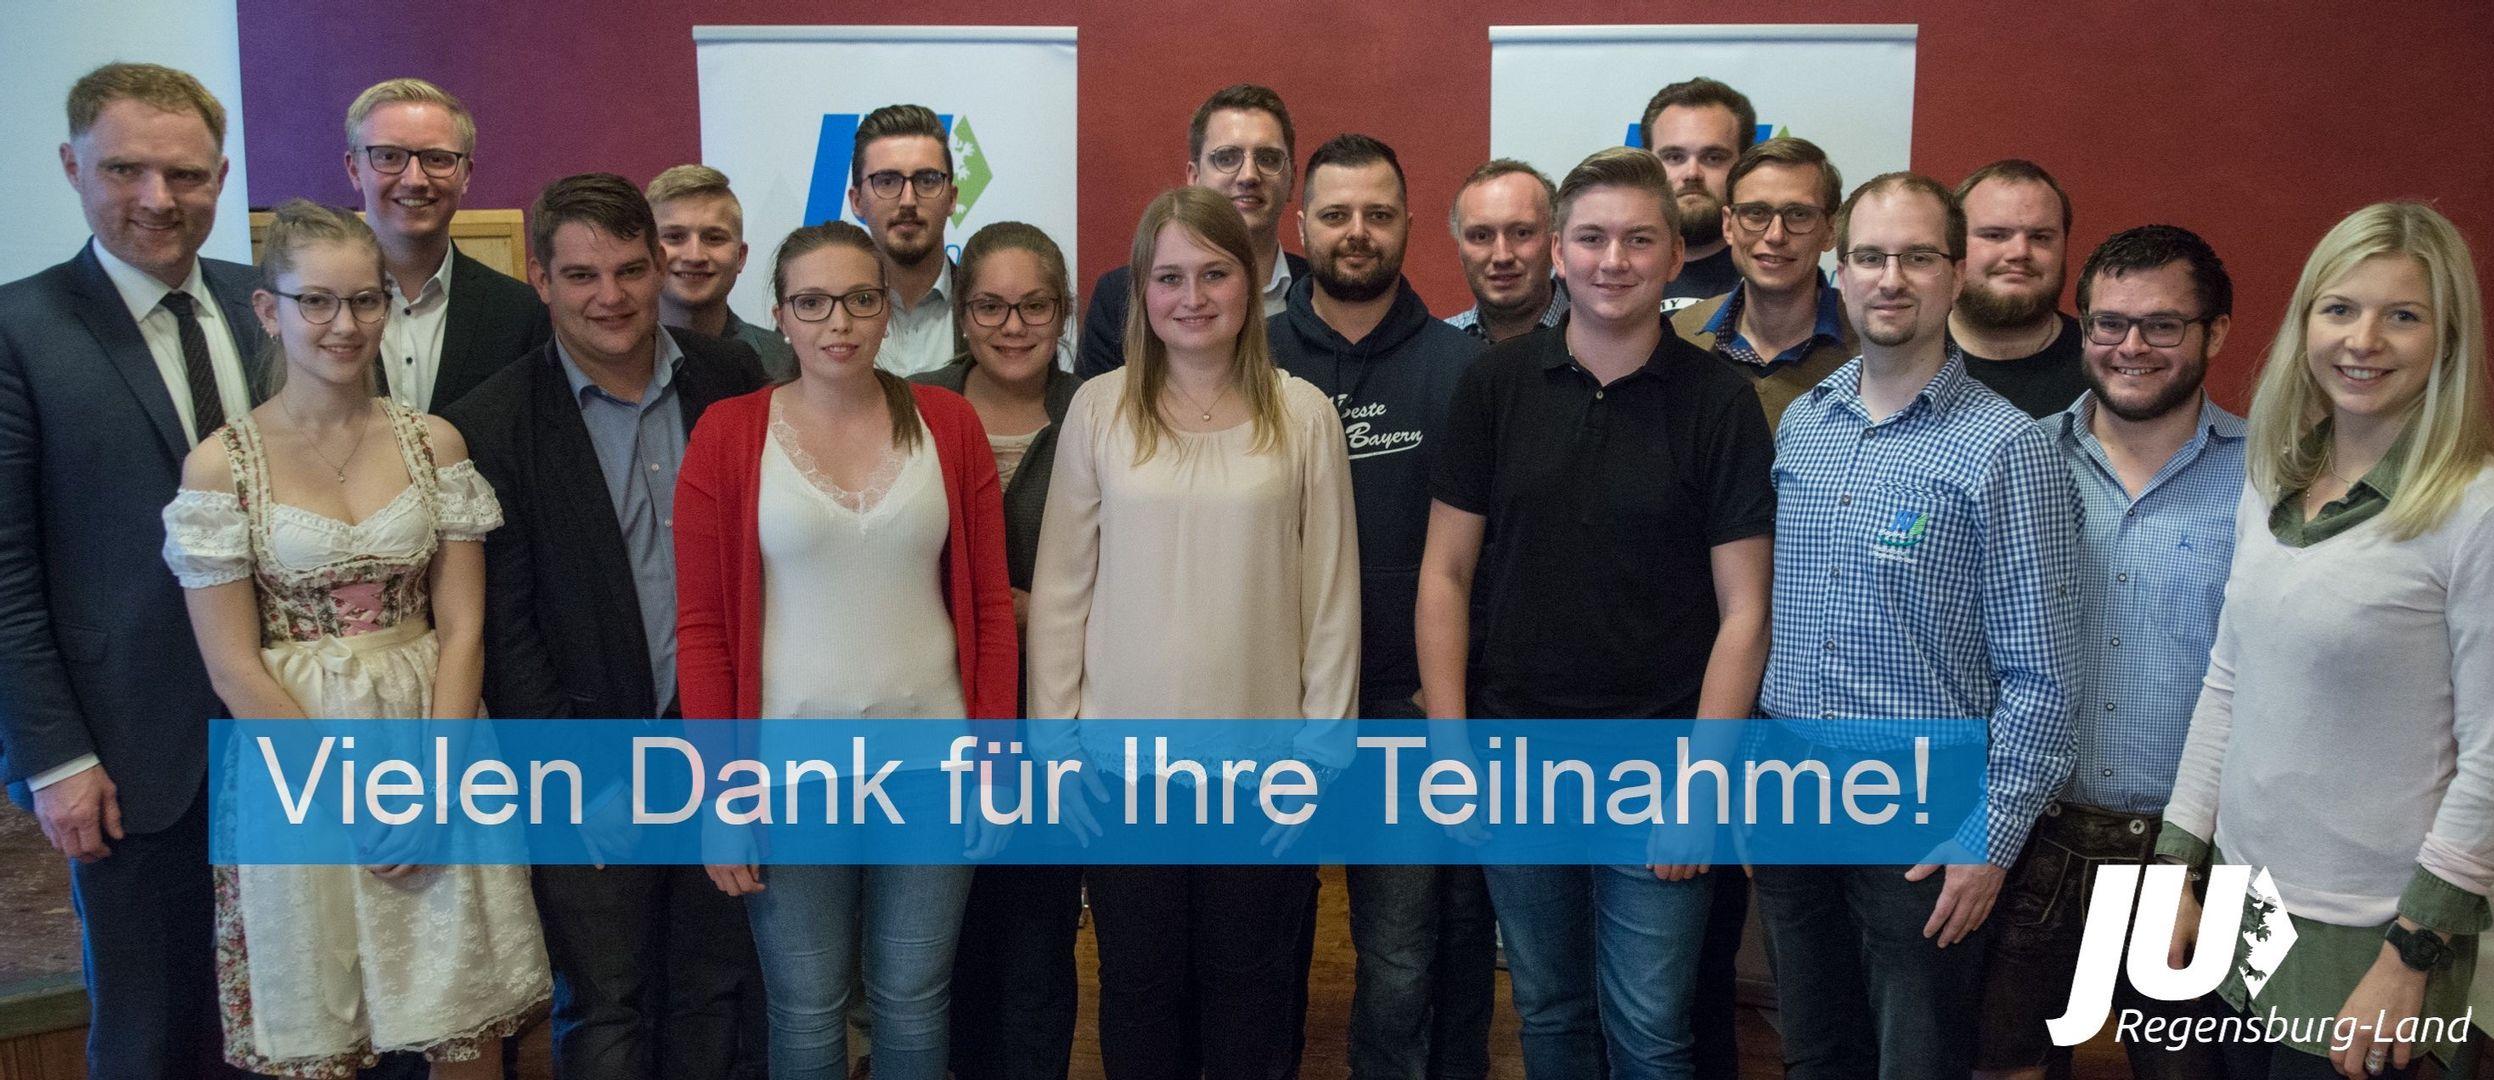 JU Regensburg-Land in Bildern | JU Regensburg-Land